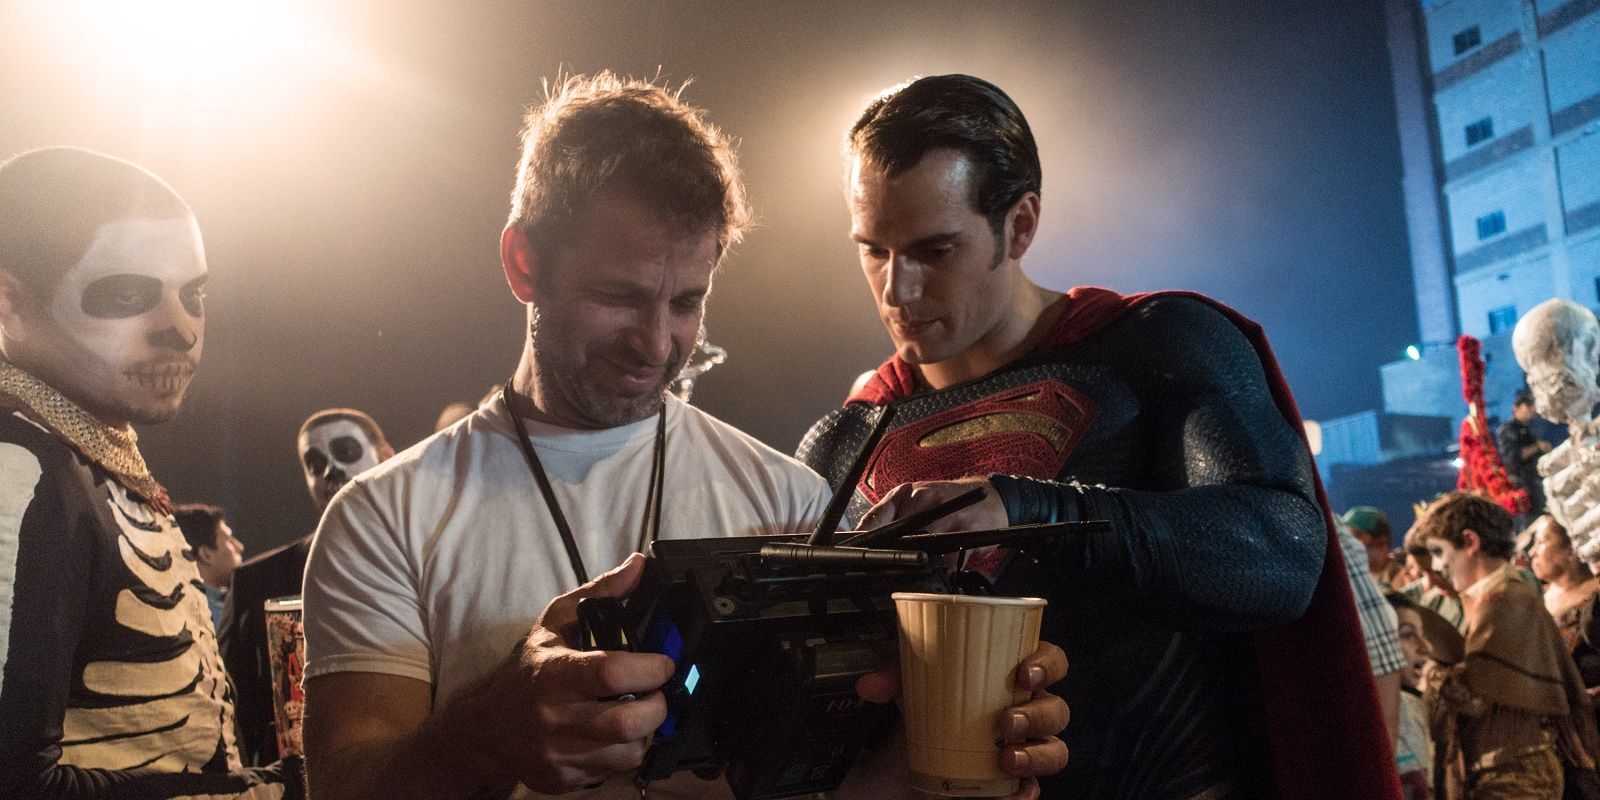 Zack Snyder não descarta possibilidade de dirigir mais filmes no Universo DC no futuro